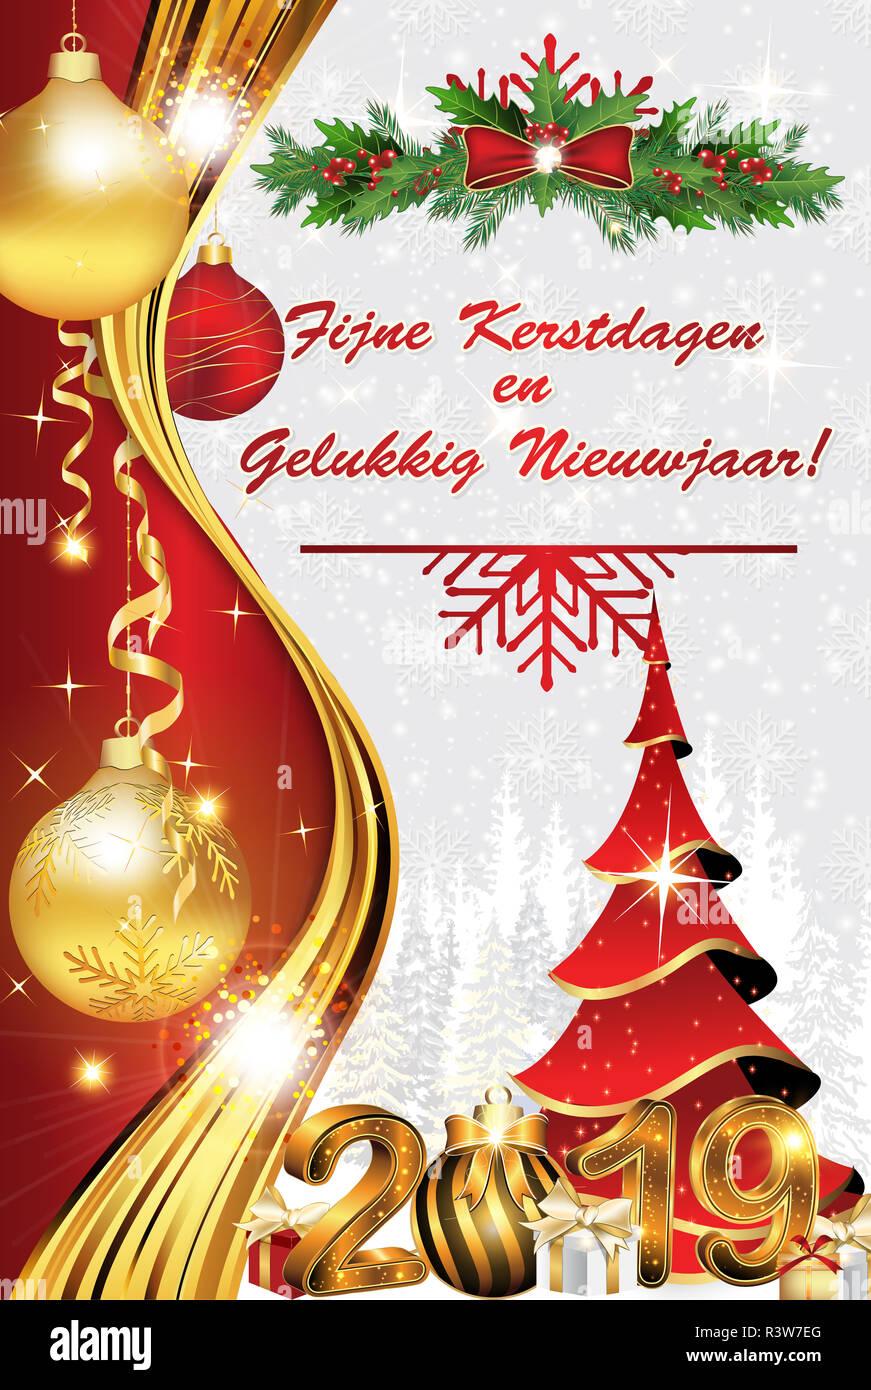 Felicitaciones Para Navidad 2019.Feliz Navidad Y Un Feliz Ano Nuevo 2019 Escrito En Holandes